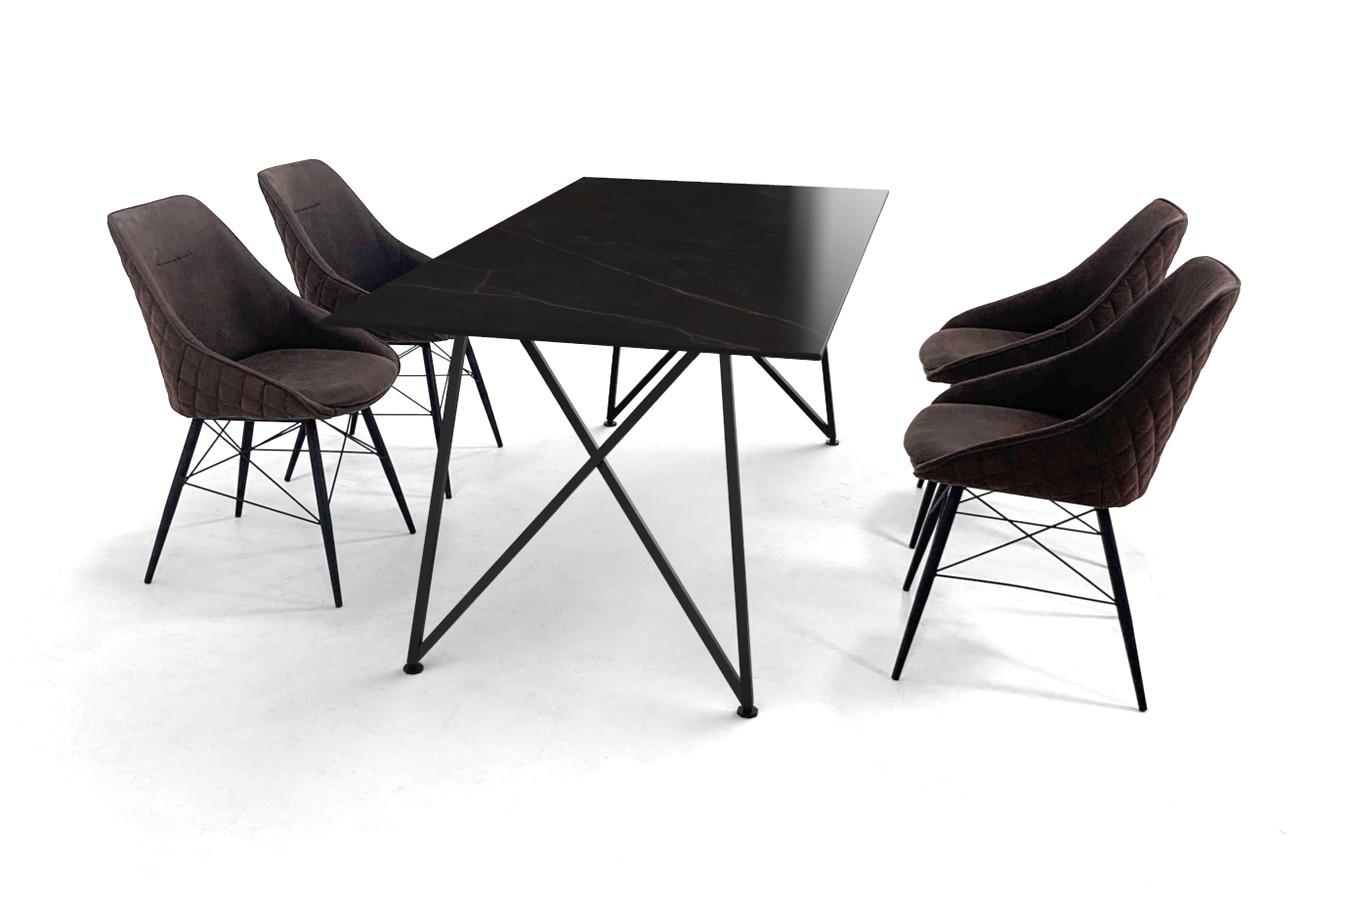 8 Zwarte Design Stoelen.Stijlvol Klassiek Collecties Zwart Geel And Rood Pagina 8